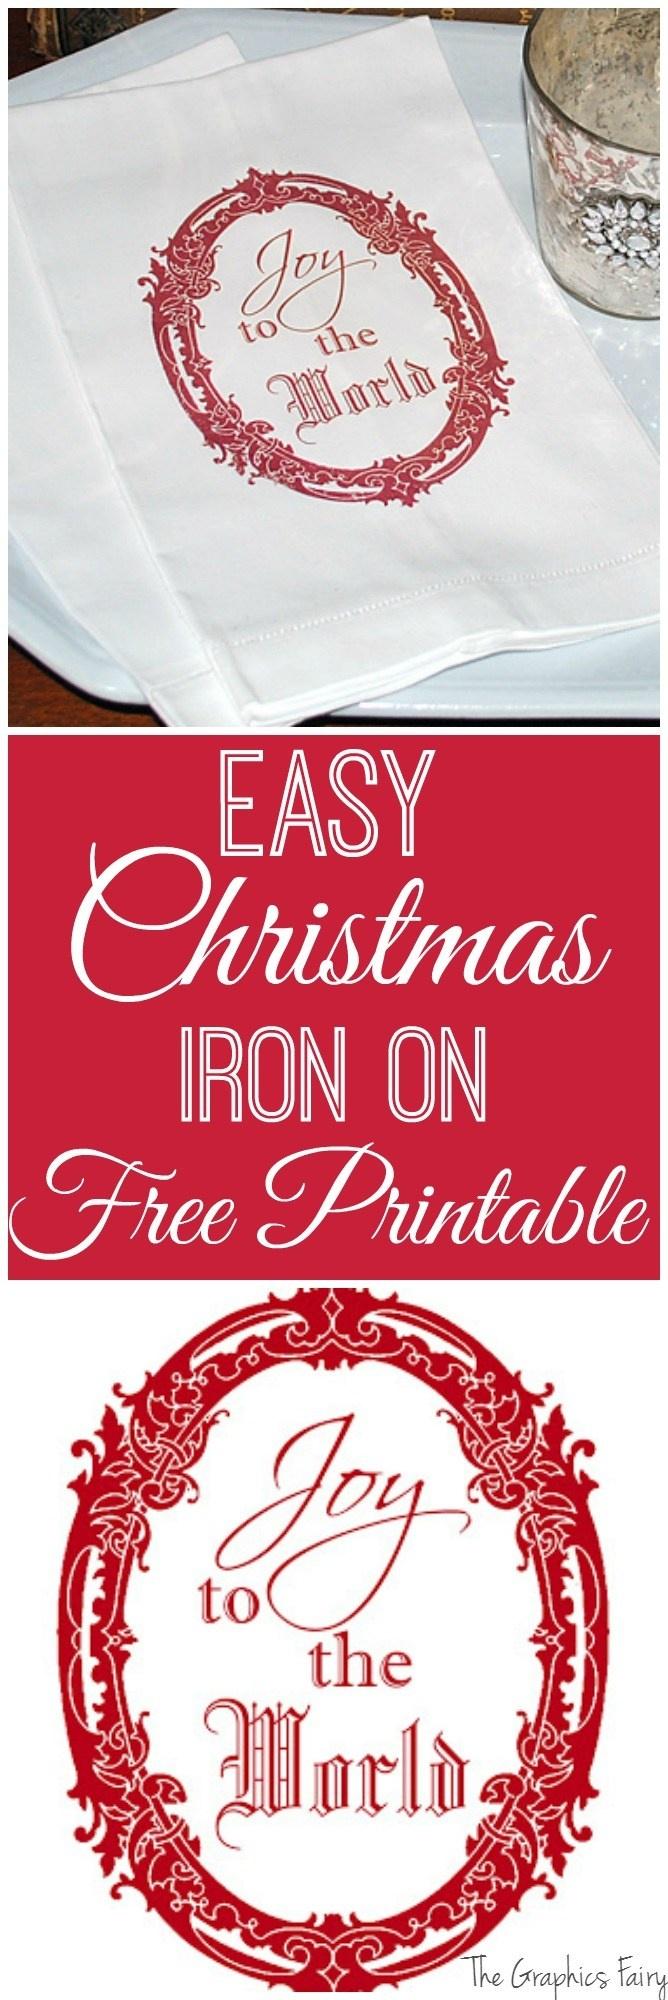 Free Printable Christmas Iron On Transfers – Festival Collections - Free Printable Christmas Iron On Transfers